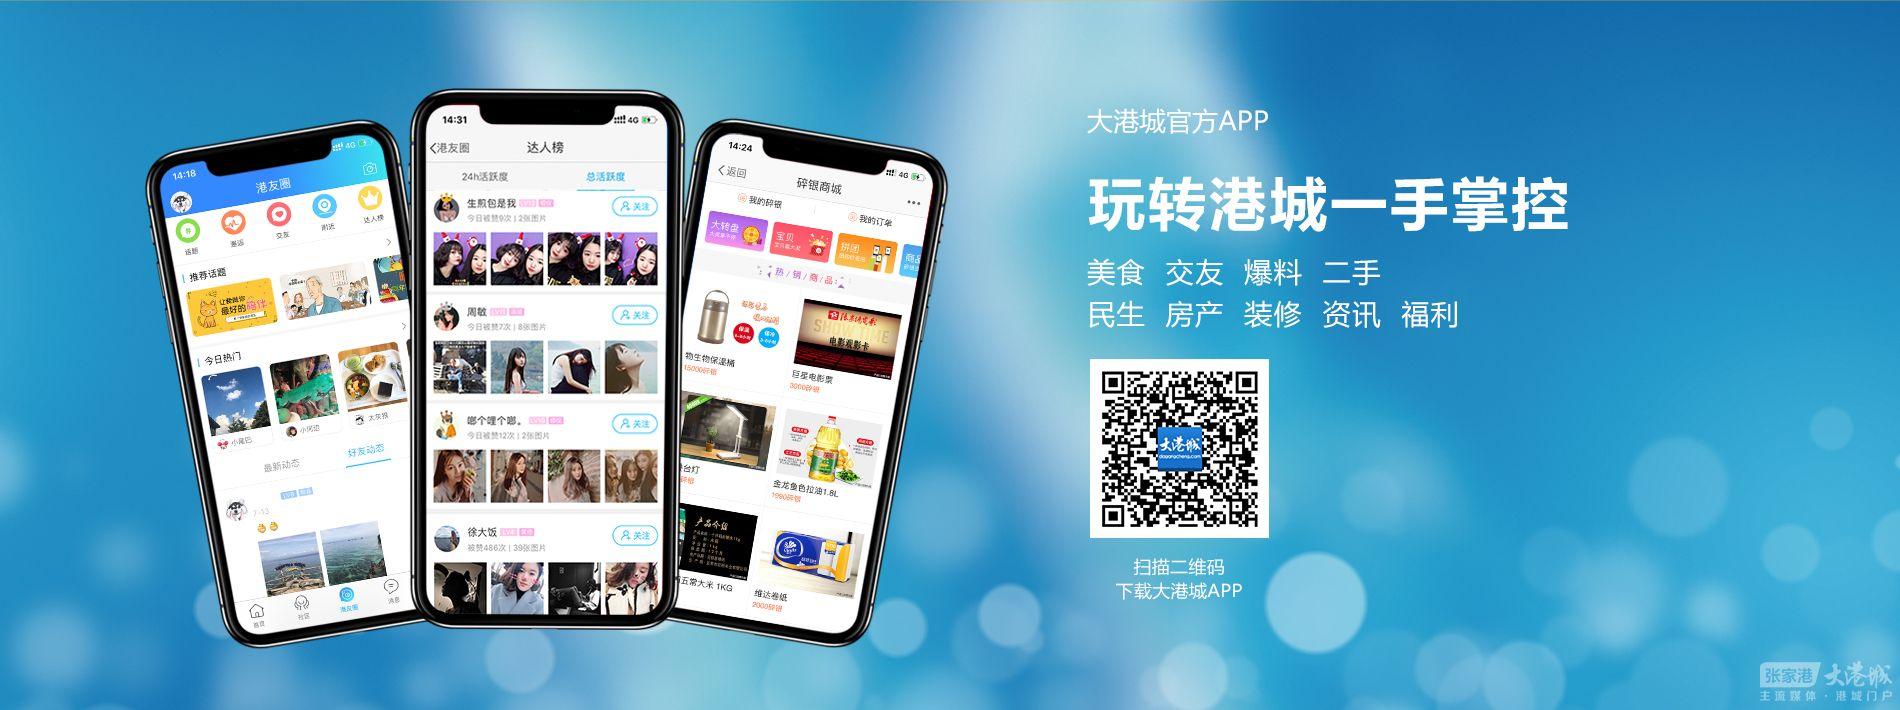 大港城手机客户端|大港城网 www.dagangcheng.com